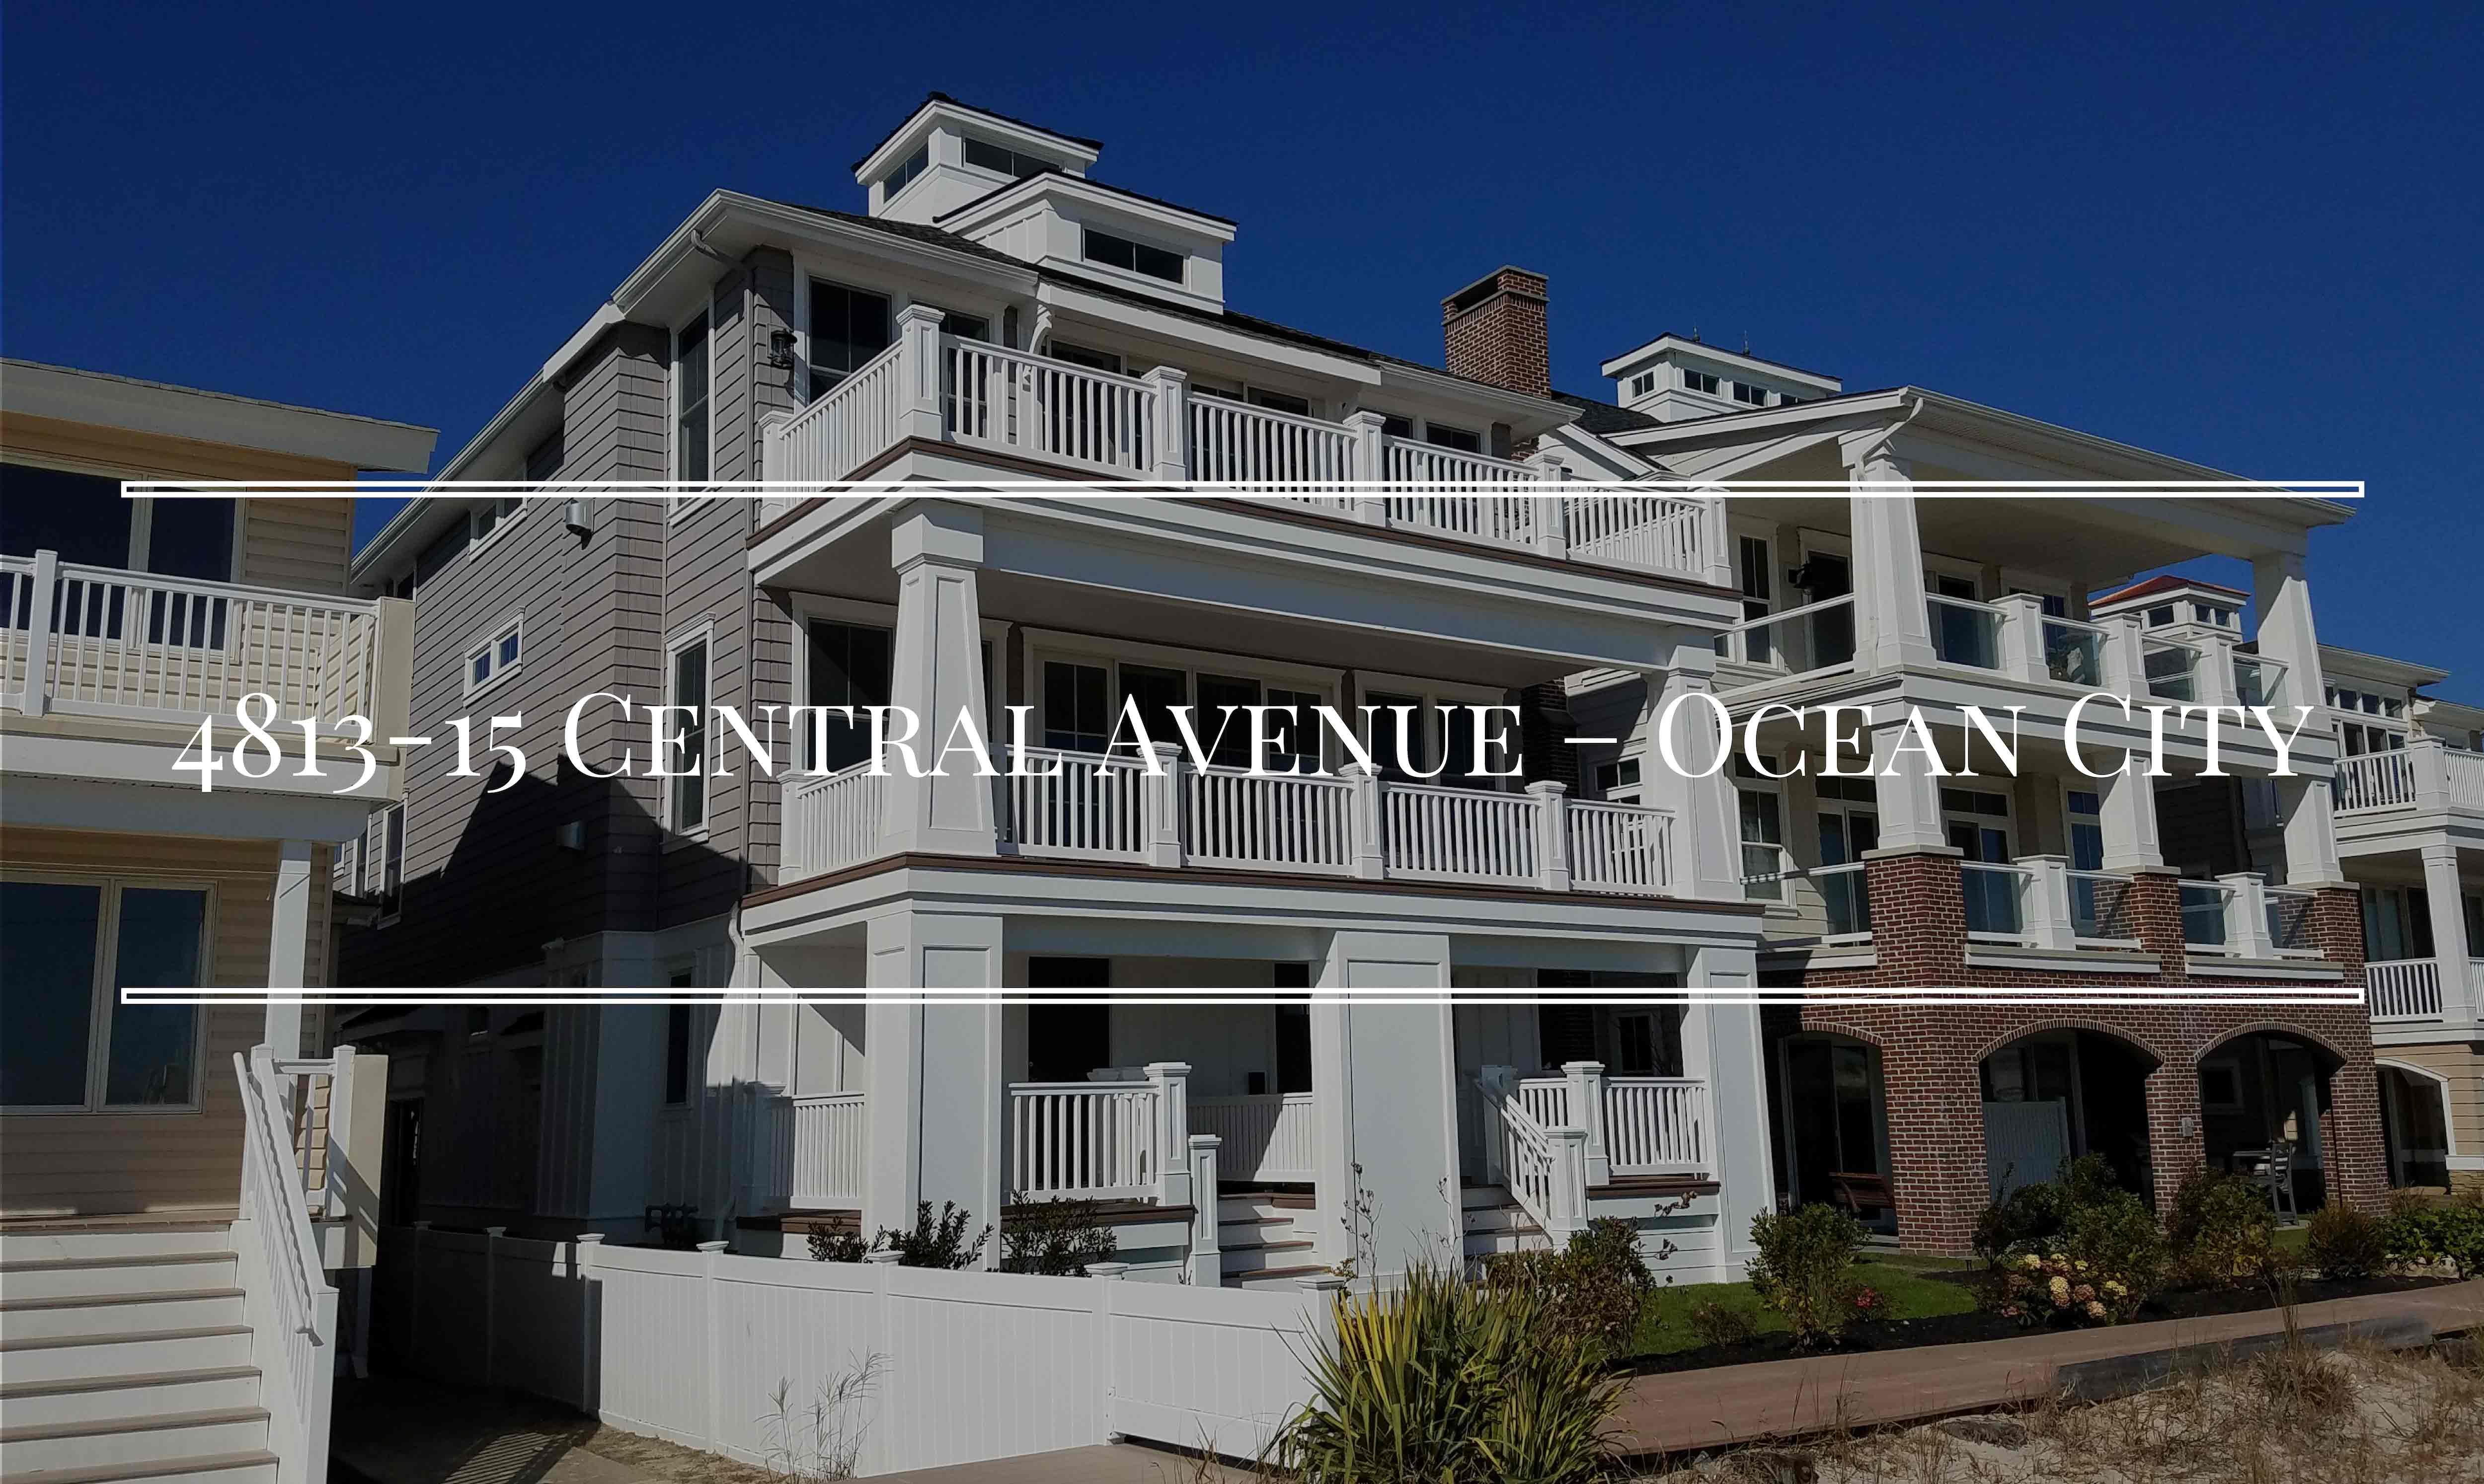 4813-15-Central-Avenue-–-Ocean-City